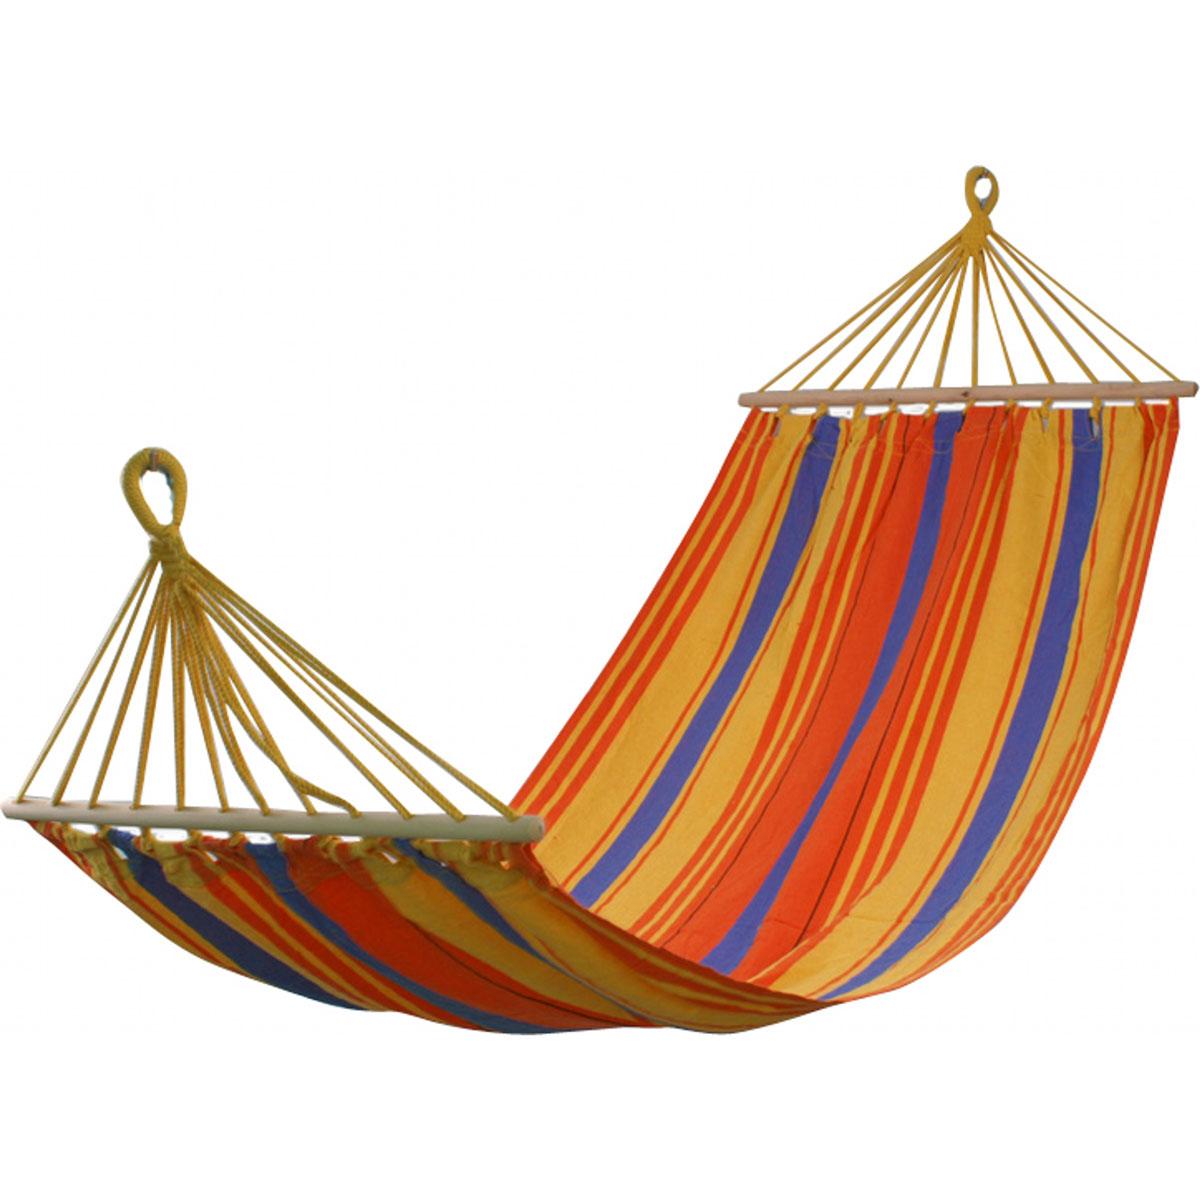 Гамак Wildman Бора-Бора, 100 х 200 см81-173Прочный гамак Wildman Бора-Бора, изготовленный из высококачественного хлопка иполиэстера, внесет дополнительный комфорт в ваш отдых на даче, в походе или на пикнике.Изделие оснащено деревянным каркасом.Гамак - это место для отдыха, кровать, парящаянад землей, ему всегда будут рады и на приусадебном участке, и в доме, и в квартире. Гамакиспособны сделать уютным и удобным любой летний отдых. Поход в лес - и качественный гамакстанет местом для сна. Поездка за город - и он превратится в личный уголок, где можнополежать с книжкой, подремать, скрыться от суеты и солнца.